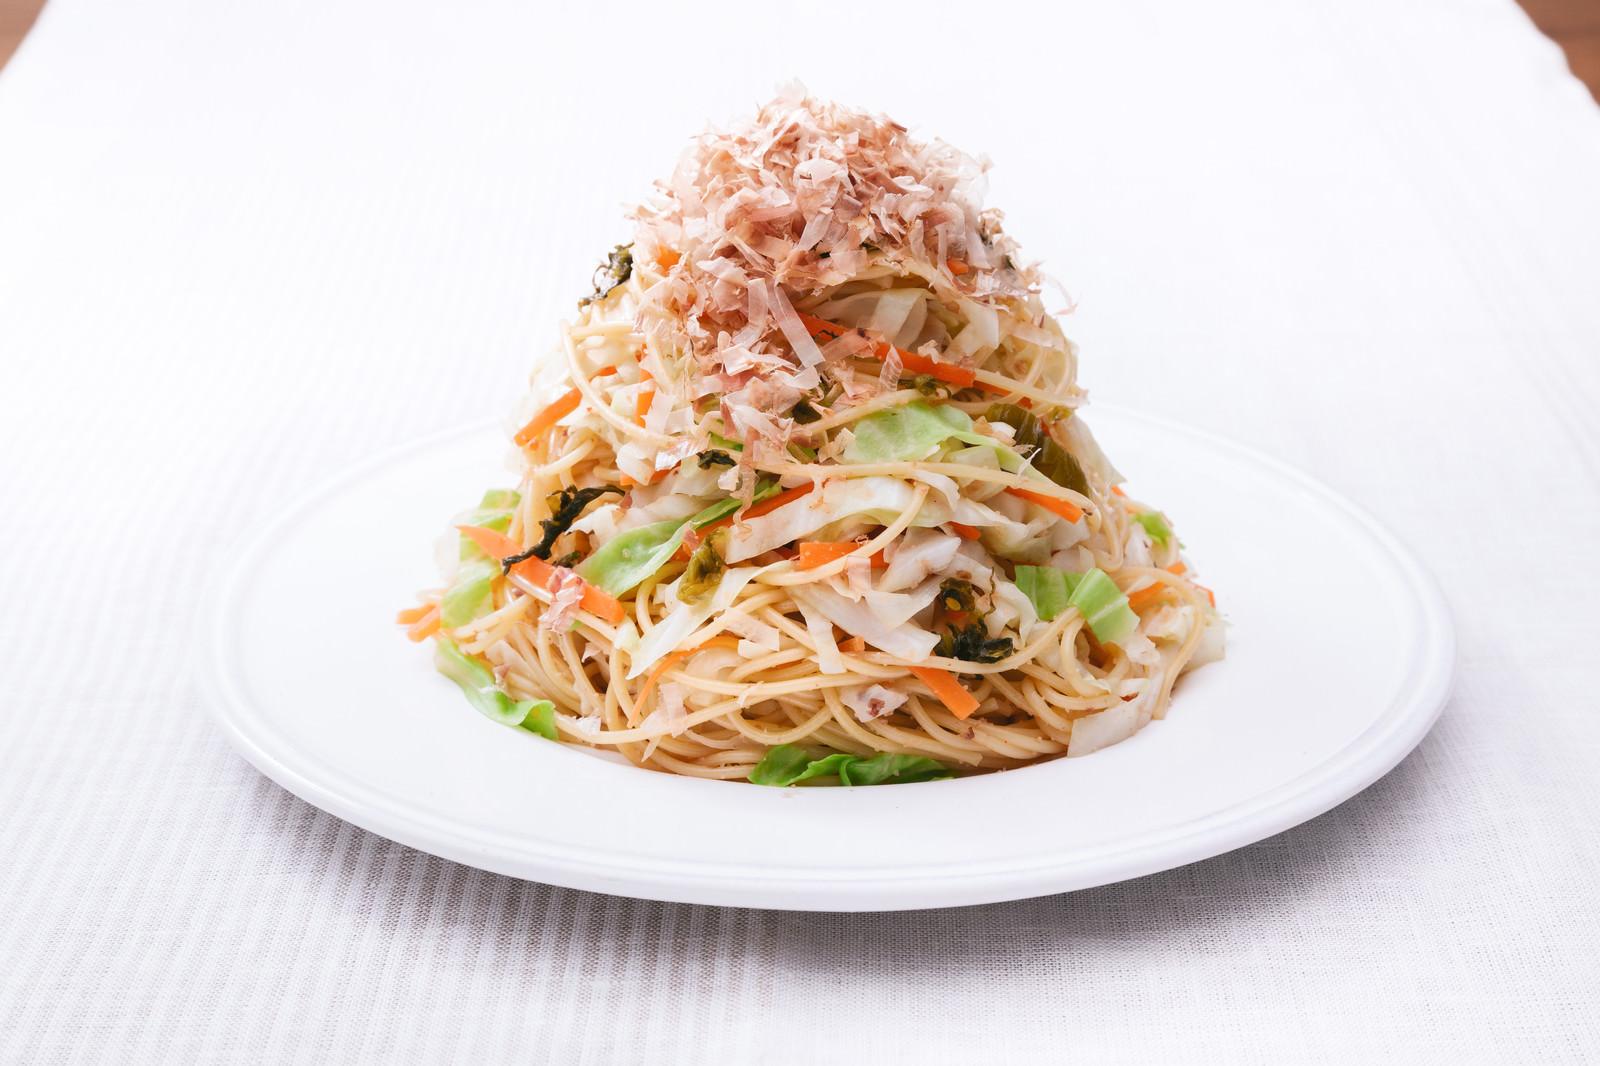 「野菜たっぷりだからヘルシー「キャベツ大盛りダイエットパスタ 」」の写真